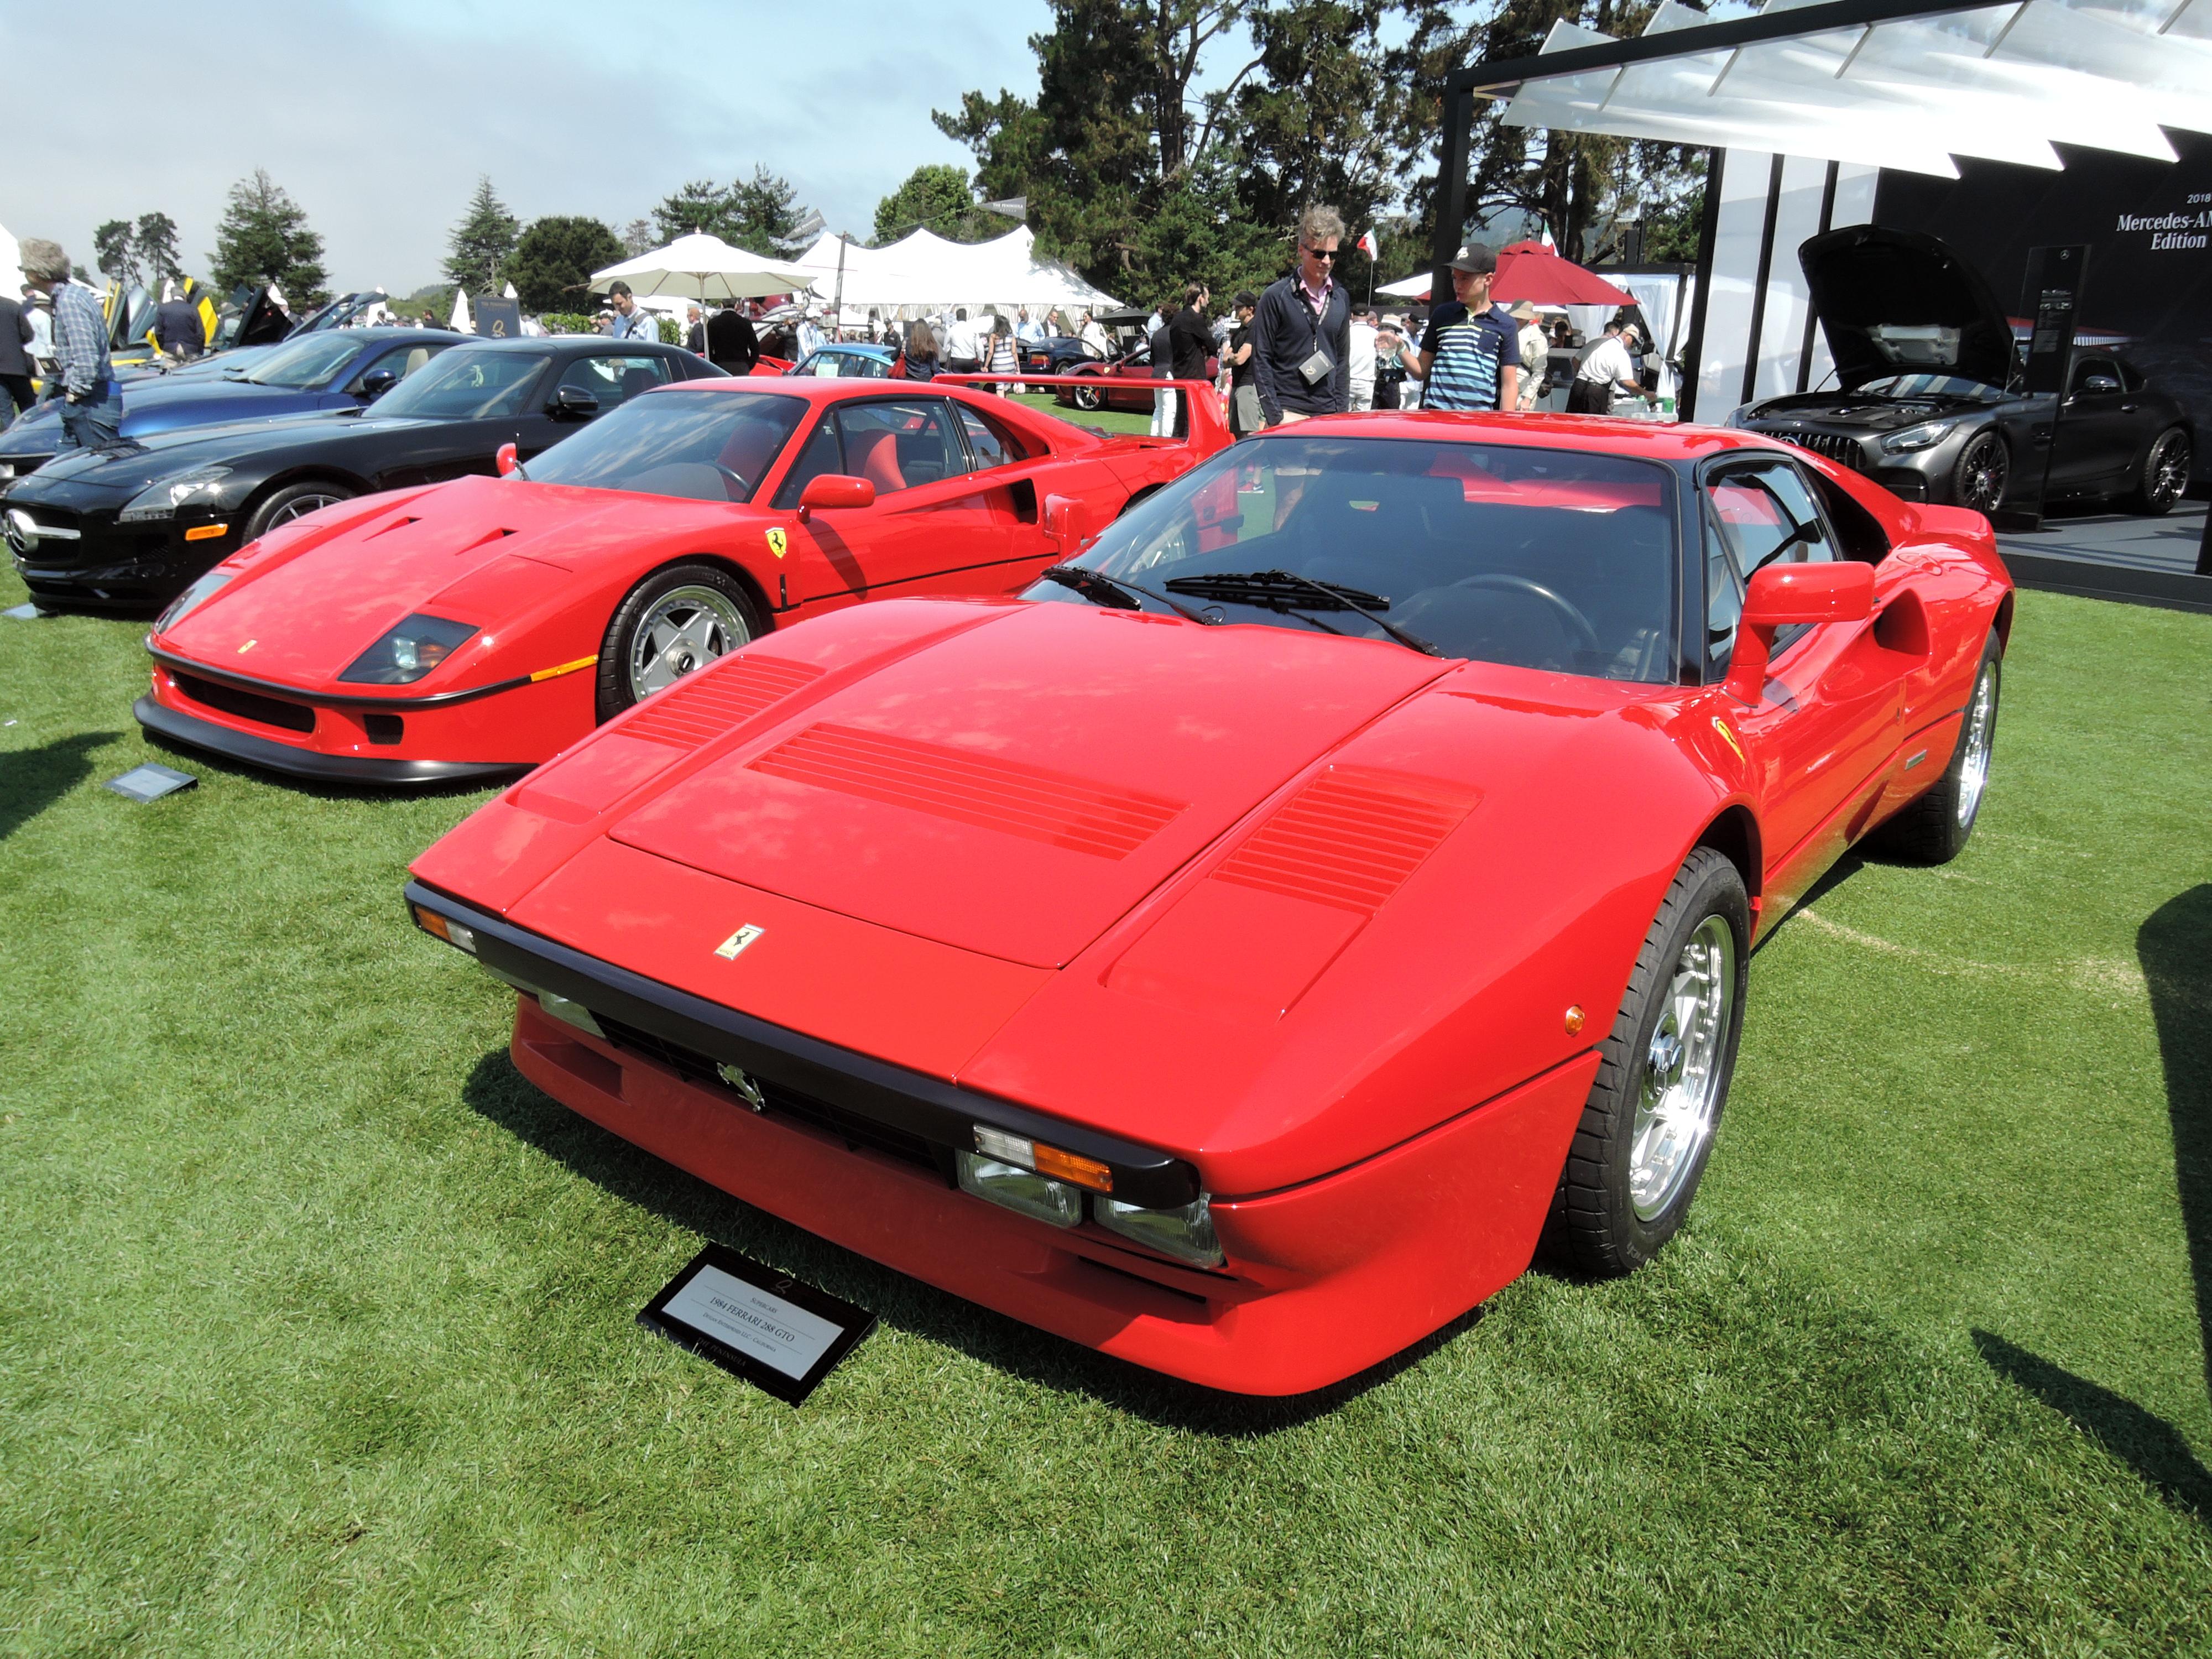 red 1984 Ferrari 288 GTO - The Quail 2017